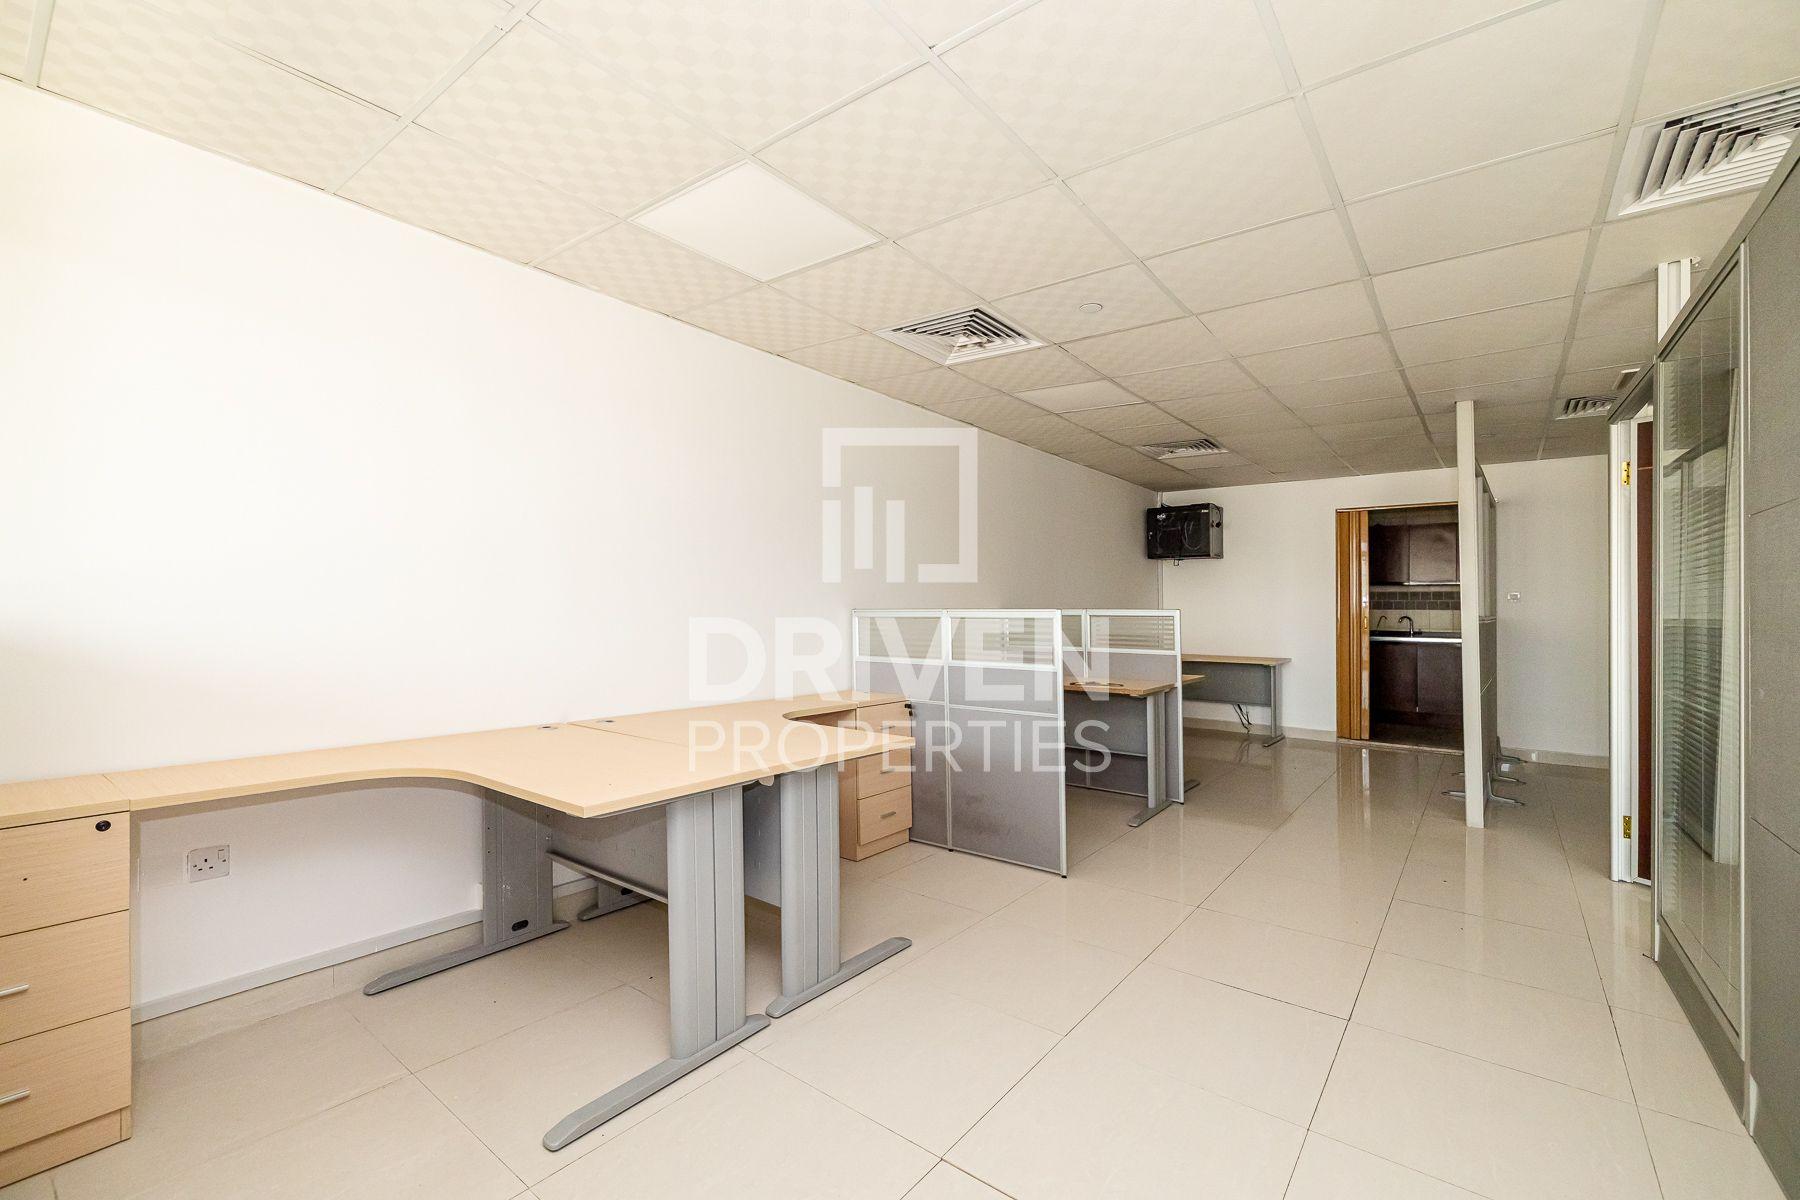 854 قدم مربع  مكتب - للايجار - أبراج بحيرة الجميرا